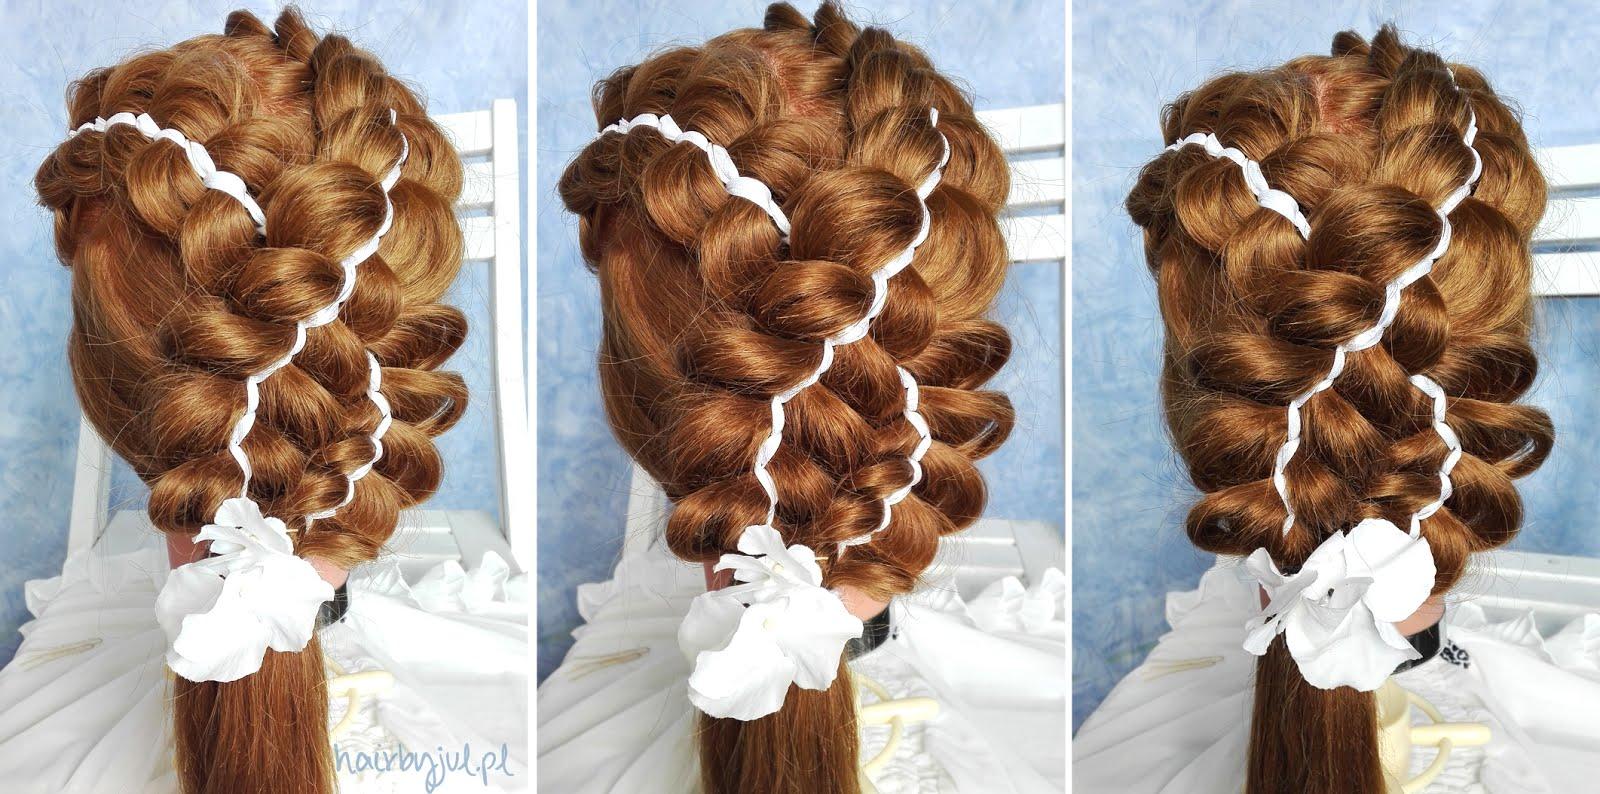 Pomysły Na Fryzury Komunijne Inspiracje Hair By Jul